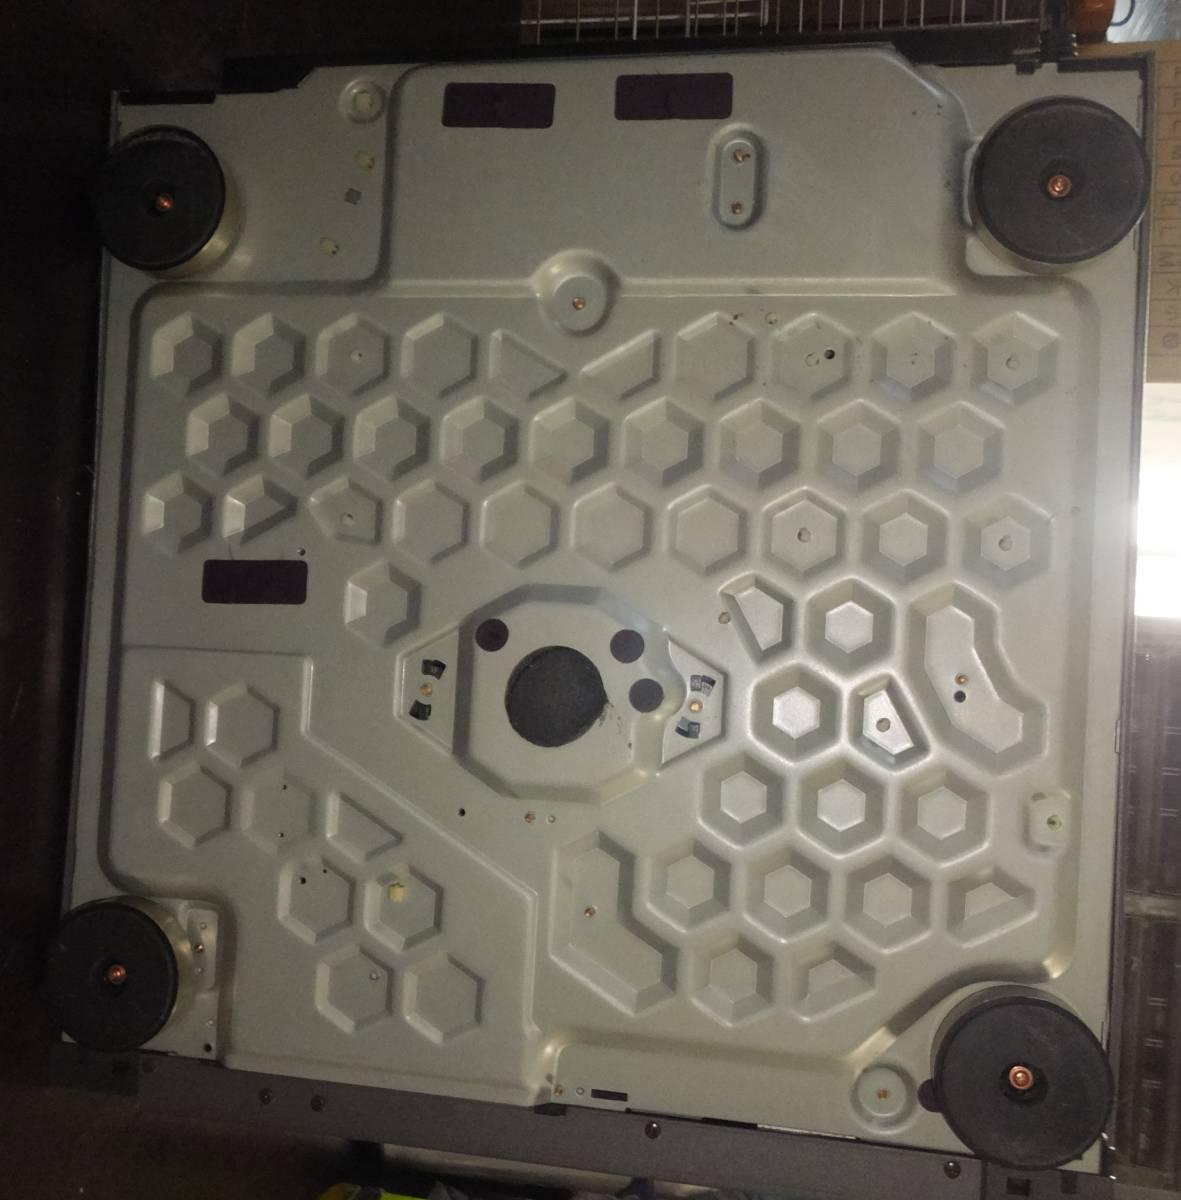 パイオニア PIONEER レーザーディスク プレーヤーデッキ LD-V2020 ジャンク_画像6